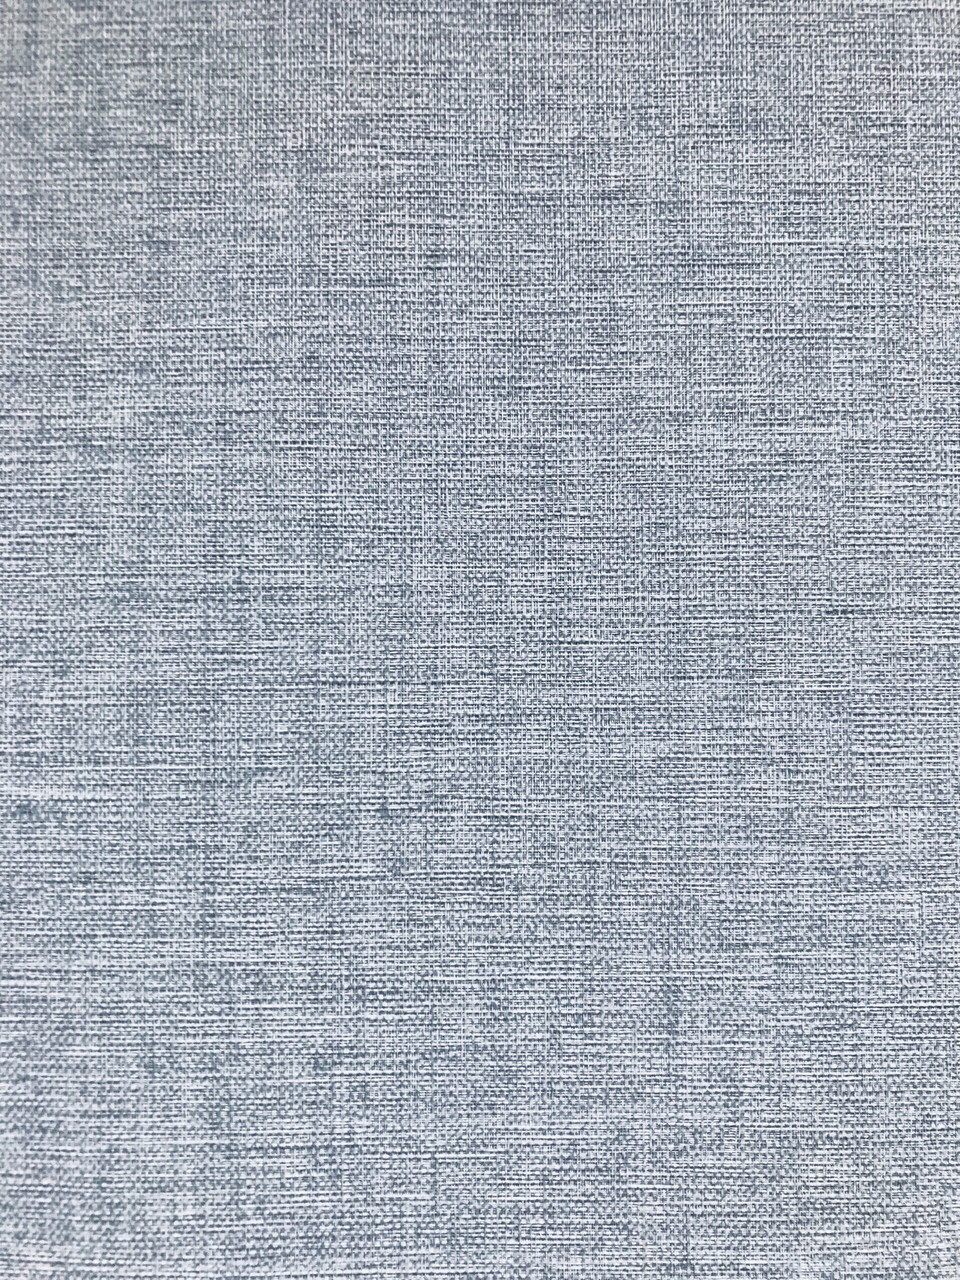 Виниловые обои на флизелине  Sirpi  Alta Gamma Kilt 24205 однотон голубой светло серый с бирюзой